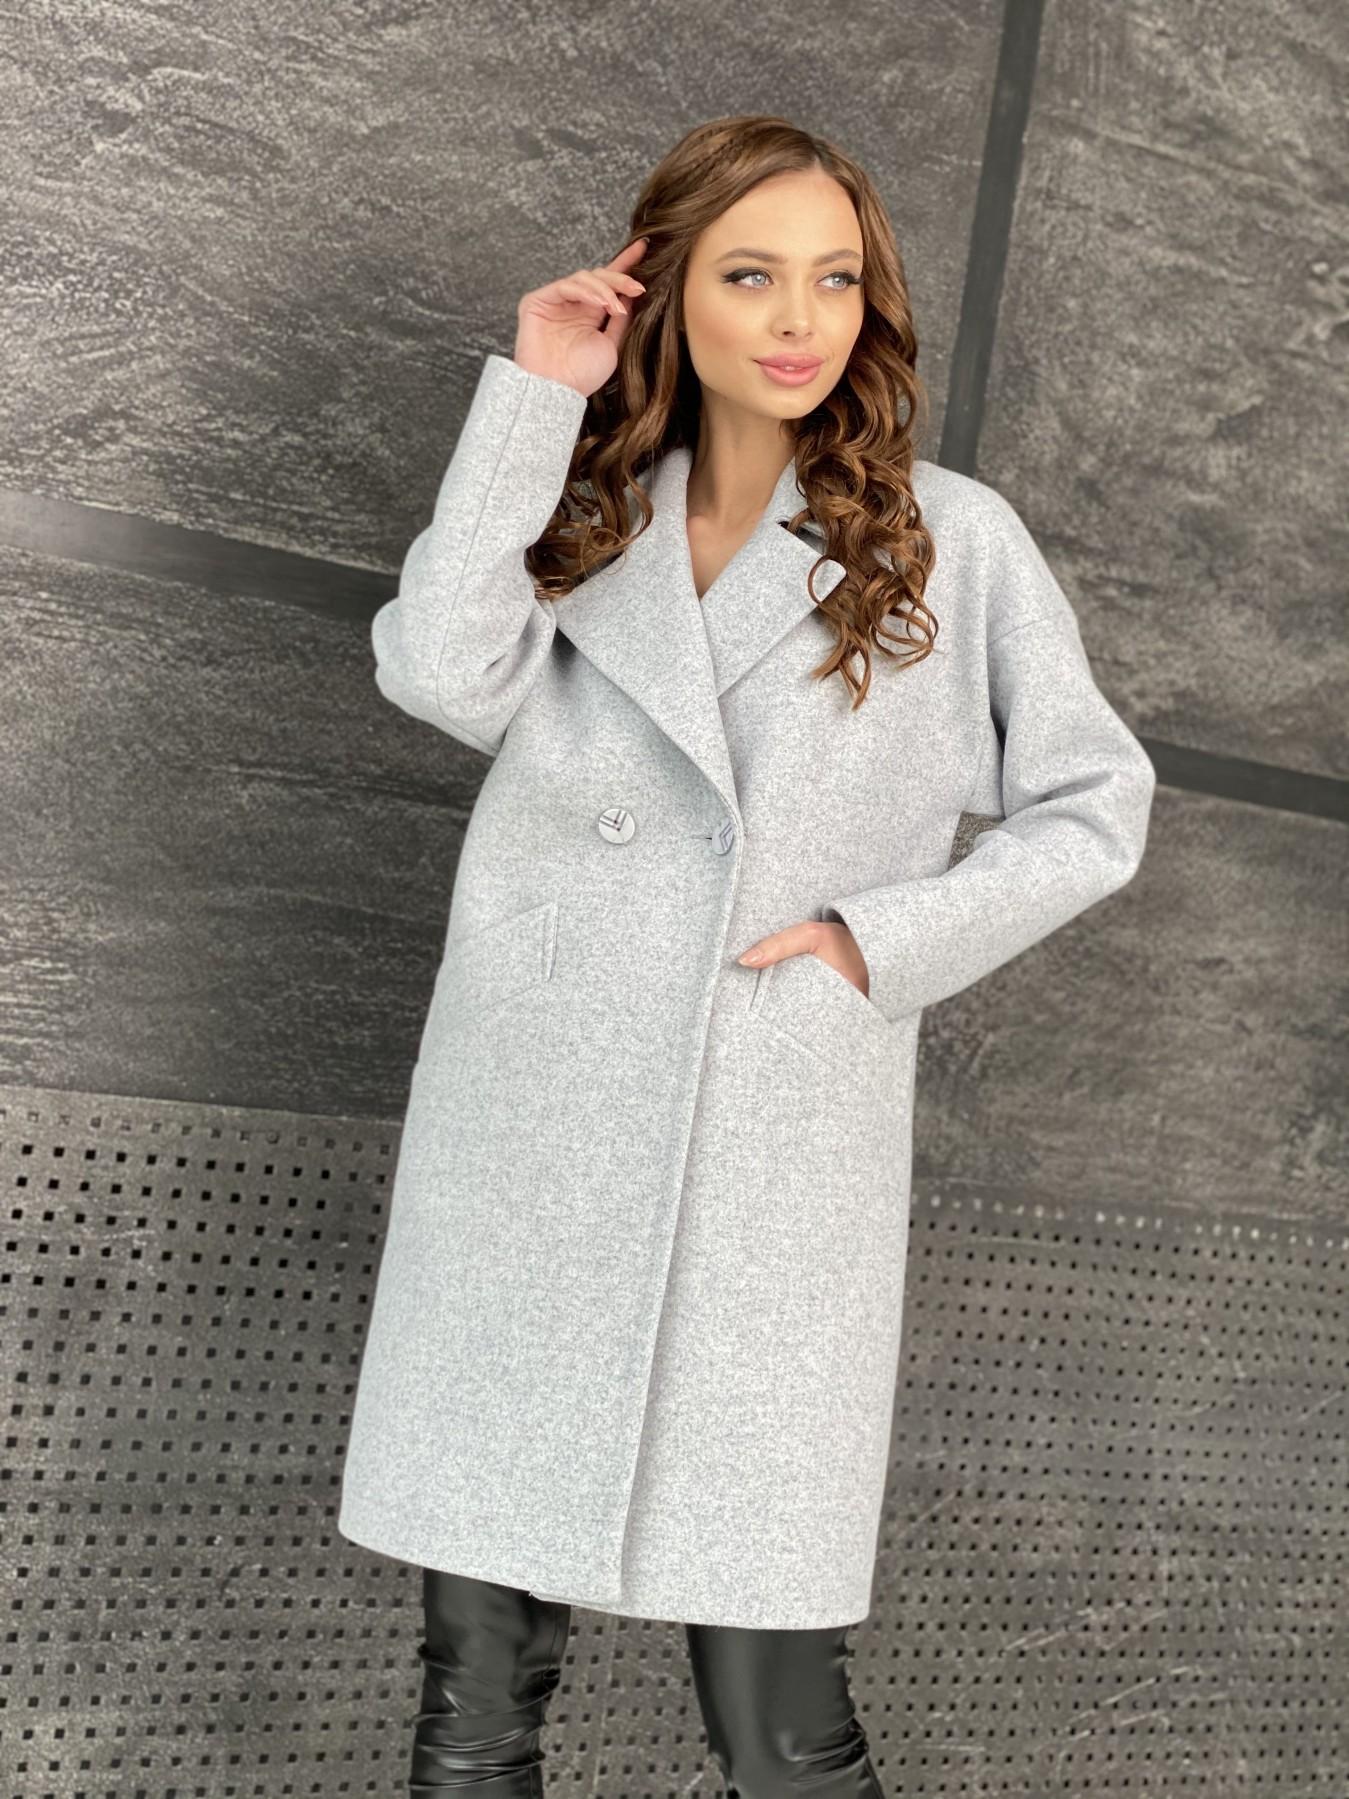 Сенсей пальто из кашемира меланж  10745 АРТ. 47223 Цвет: Серый Светлый 33 - фото 4, интернет магазин tm-modus.ru